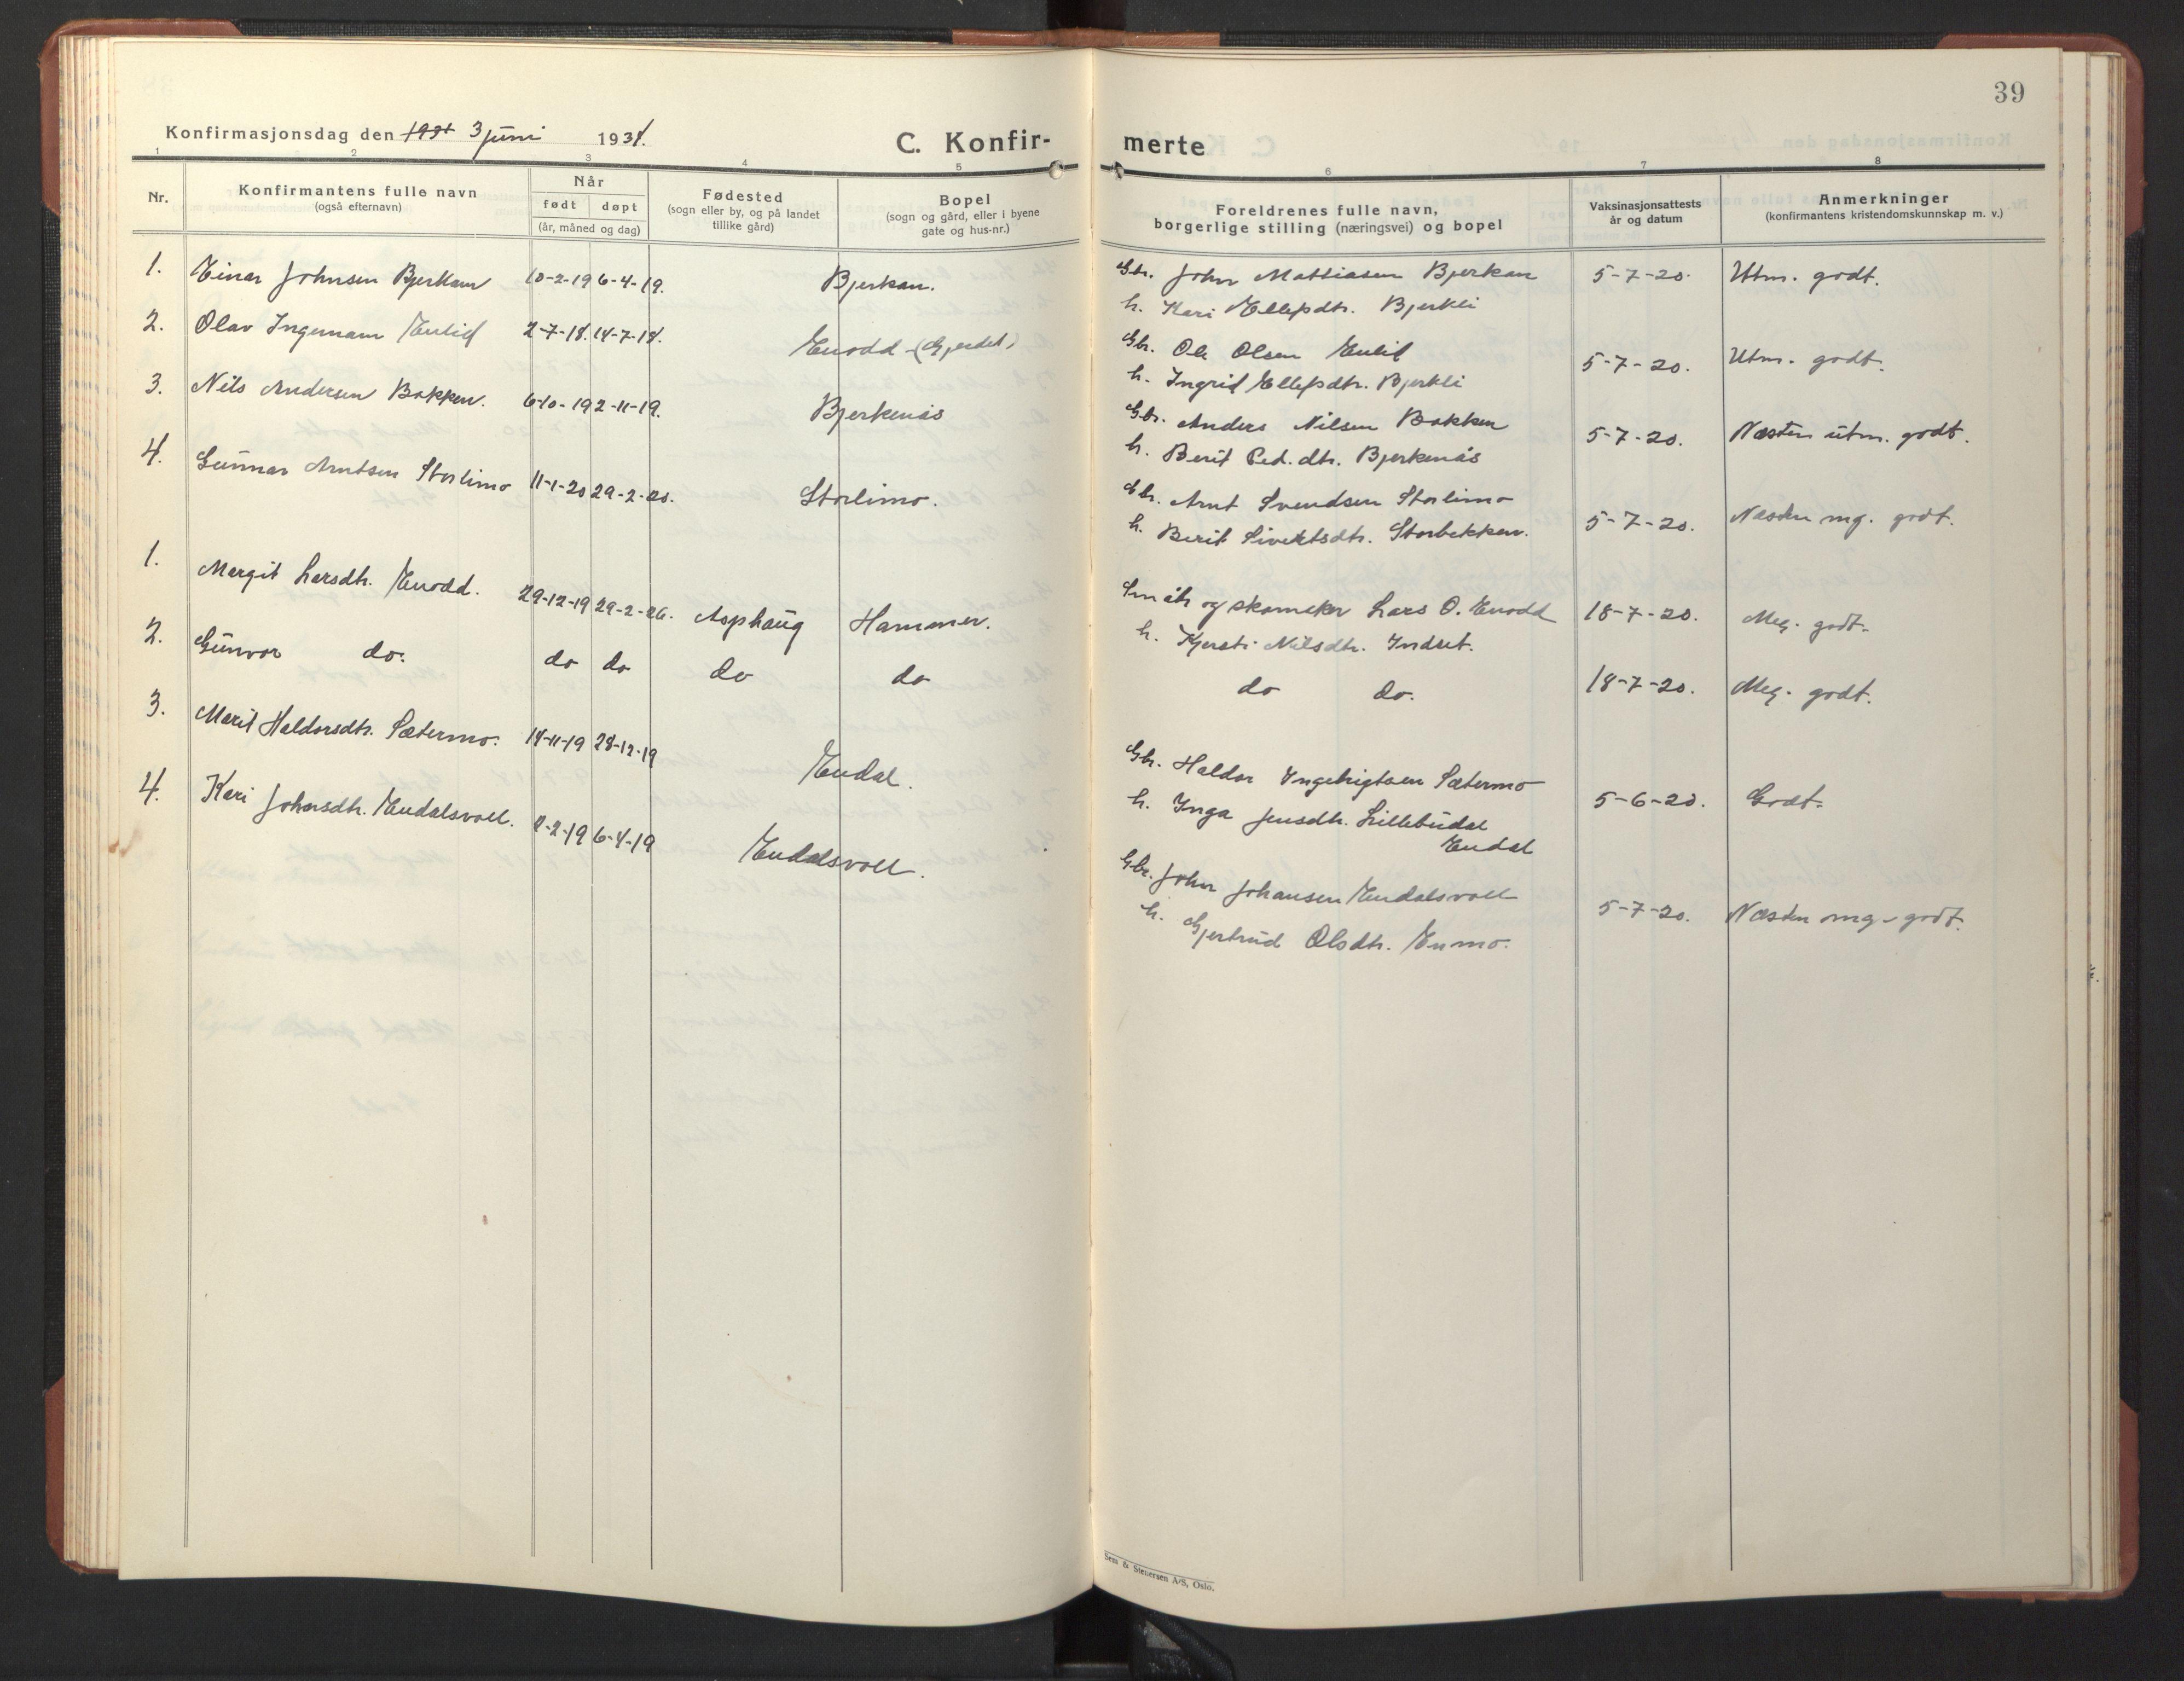 SAT, Ministerialprotokoller, klokkerbøker og fødselsregistre - Sør-Trøndelag, 690/L1053: Klokkerbok nr. 690C03, 1930-1947, s. 39